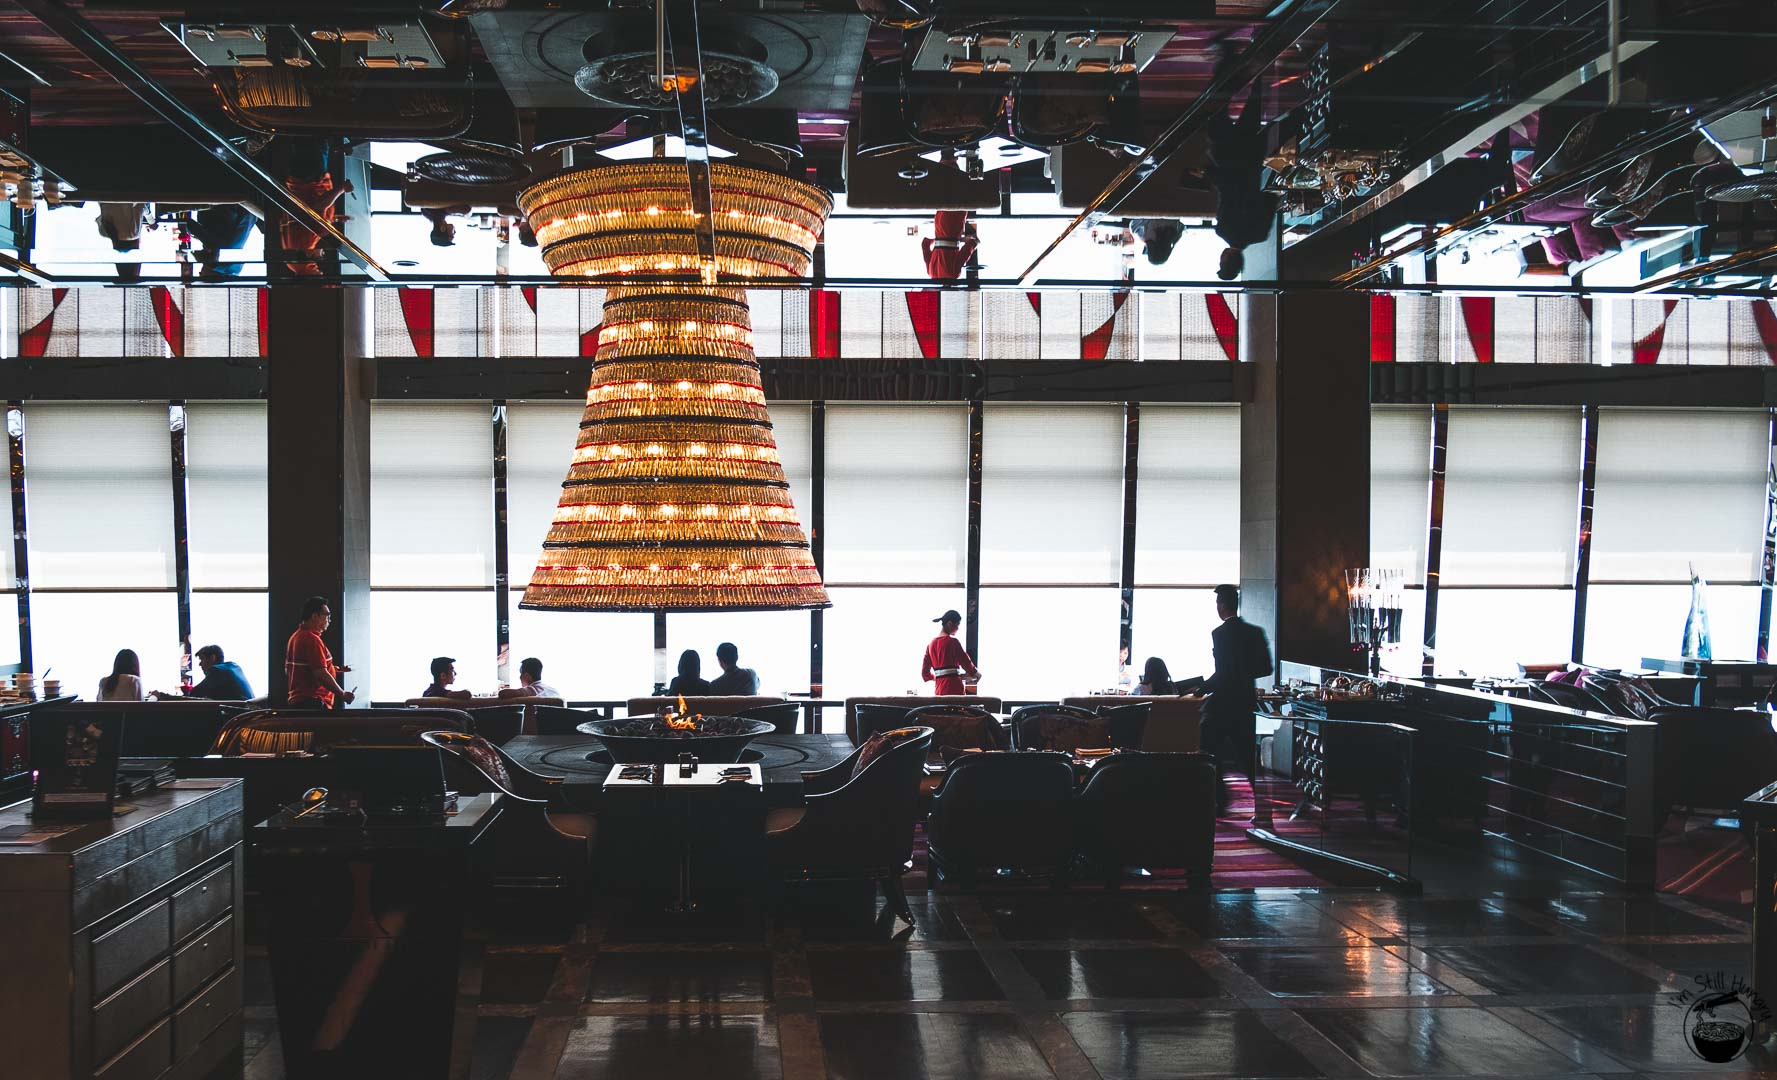 Tin Lung Heen Hong Kong Michelin